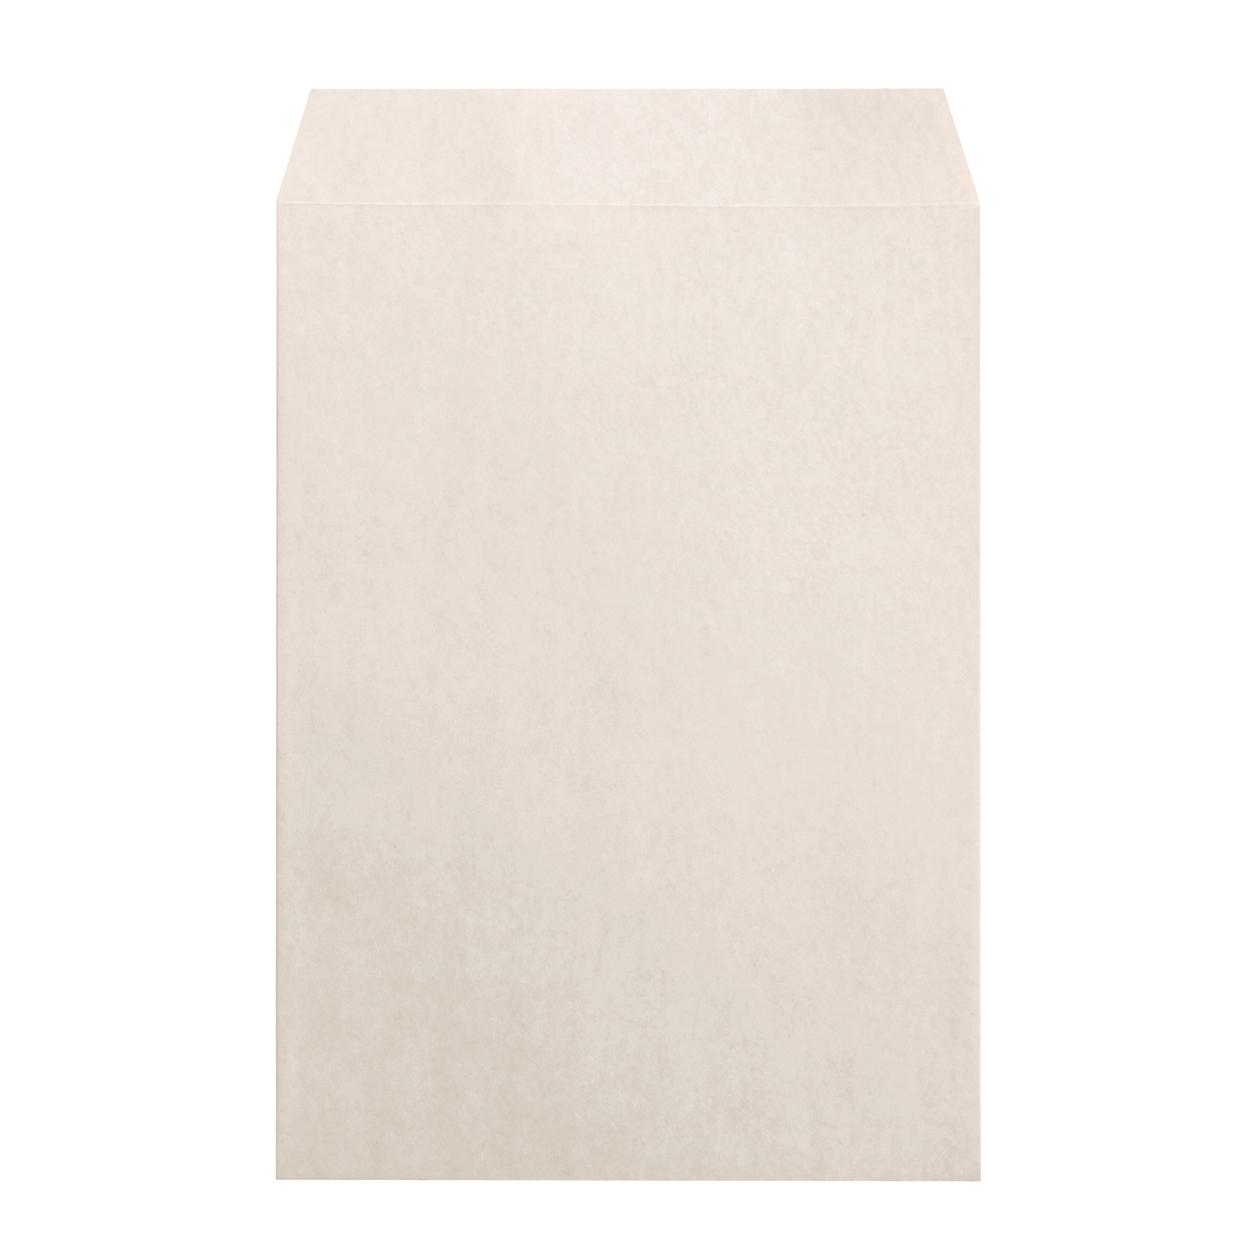 角2封筒 ホワイトクラフト 100g